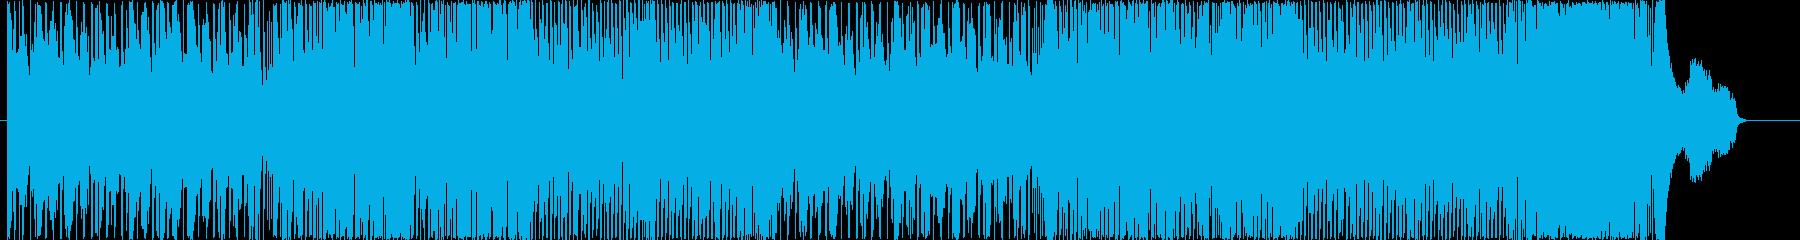 和楽器を使った激しいハイテンションの曲の再生済みの波形